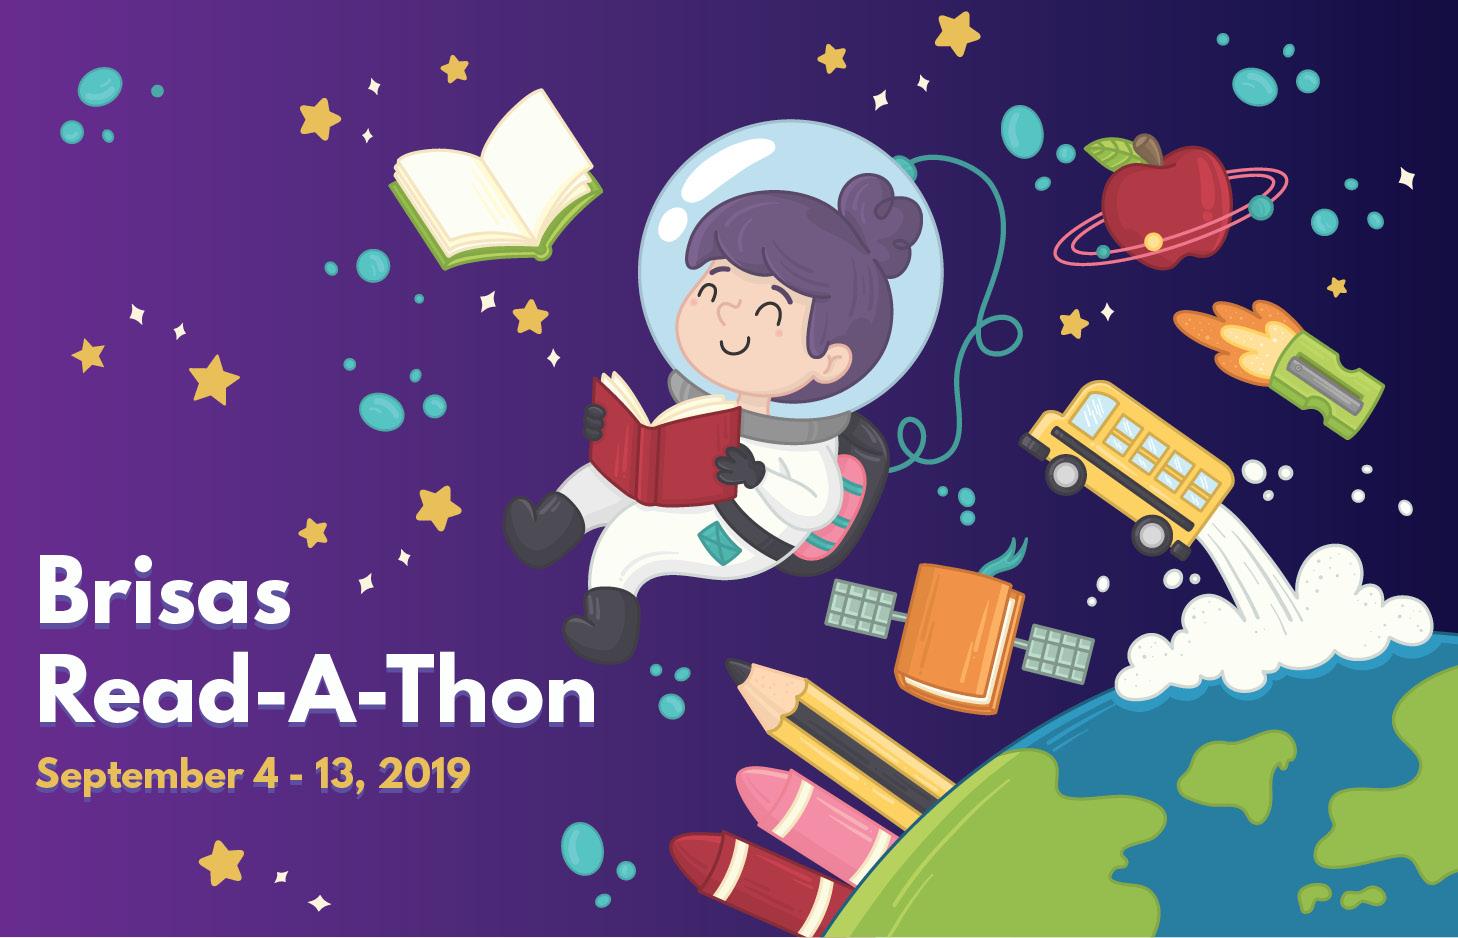 Brisas Read-A-Thon